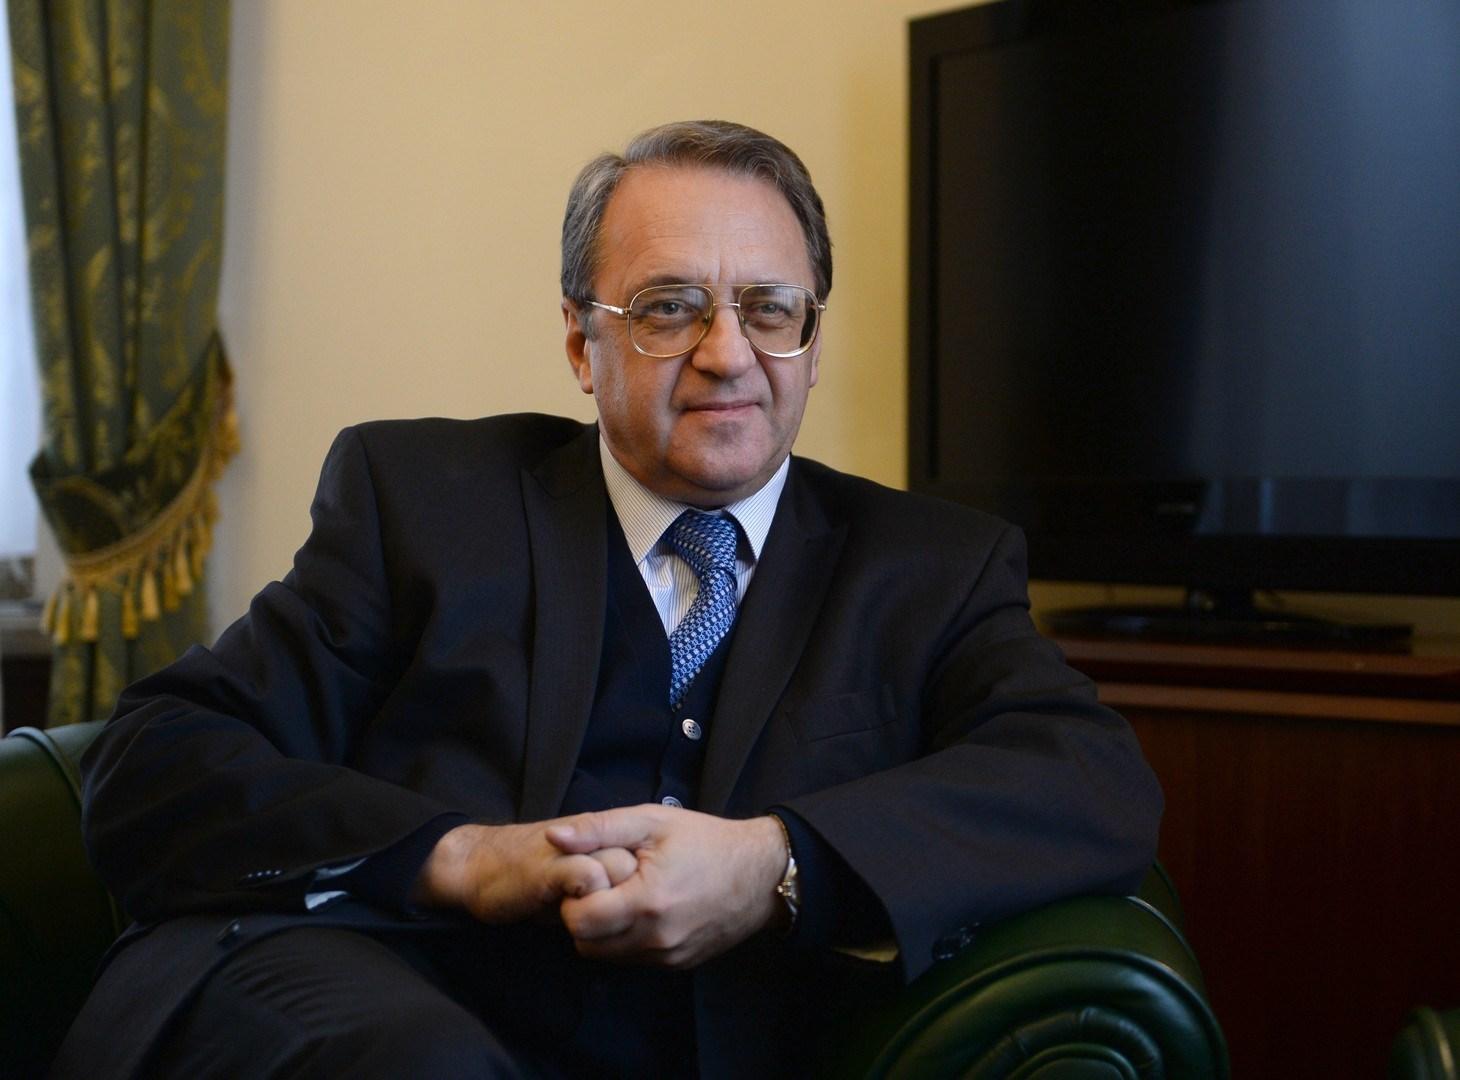 الخارجية الروسية: قرار السراج عدم التنحي منطقي حتى لا يكون هناك فراغ في السلطة